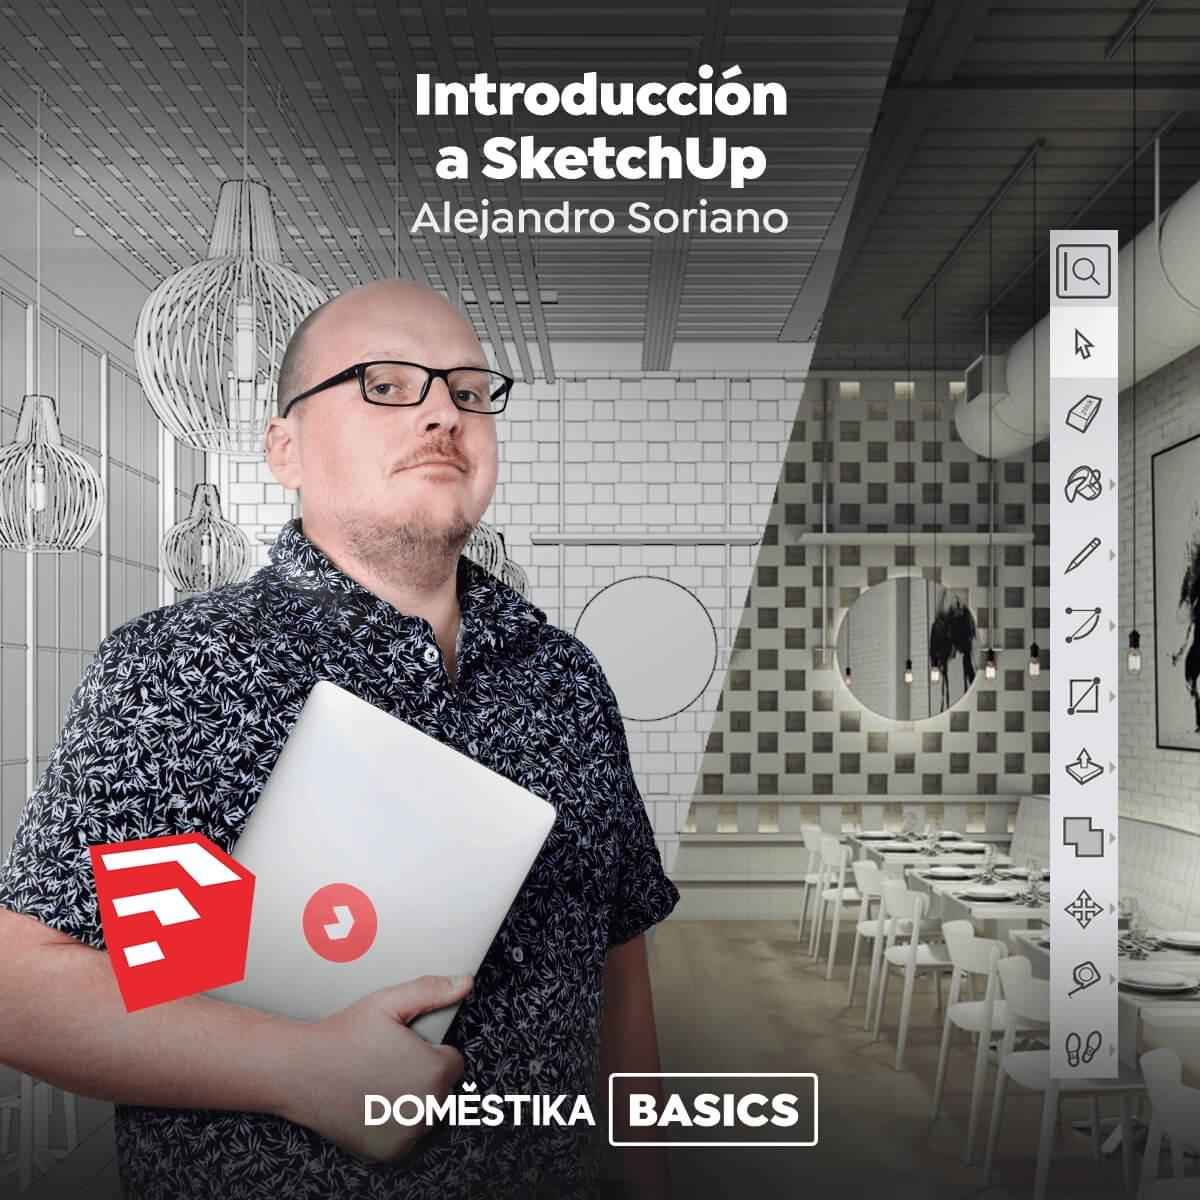 Nuevo curso en Domestika de Alejandro Soriano: Introducción a SketchUp